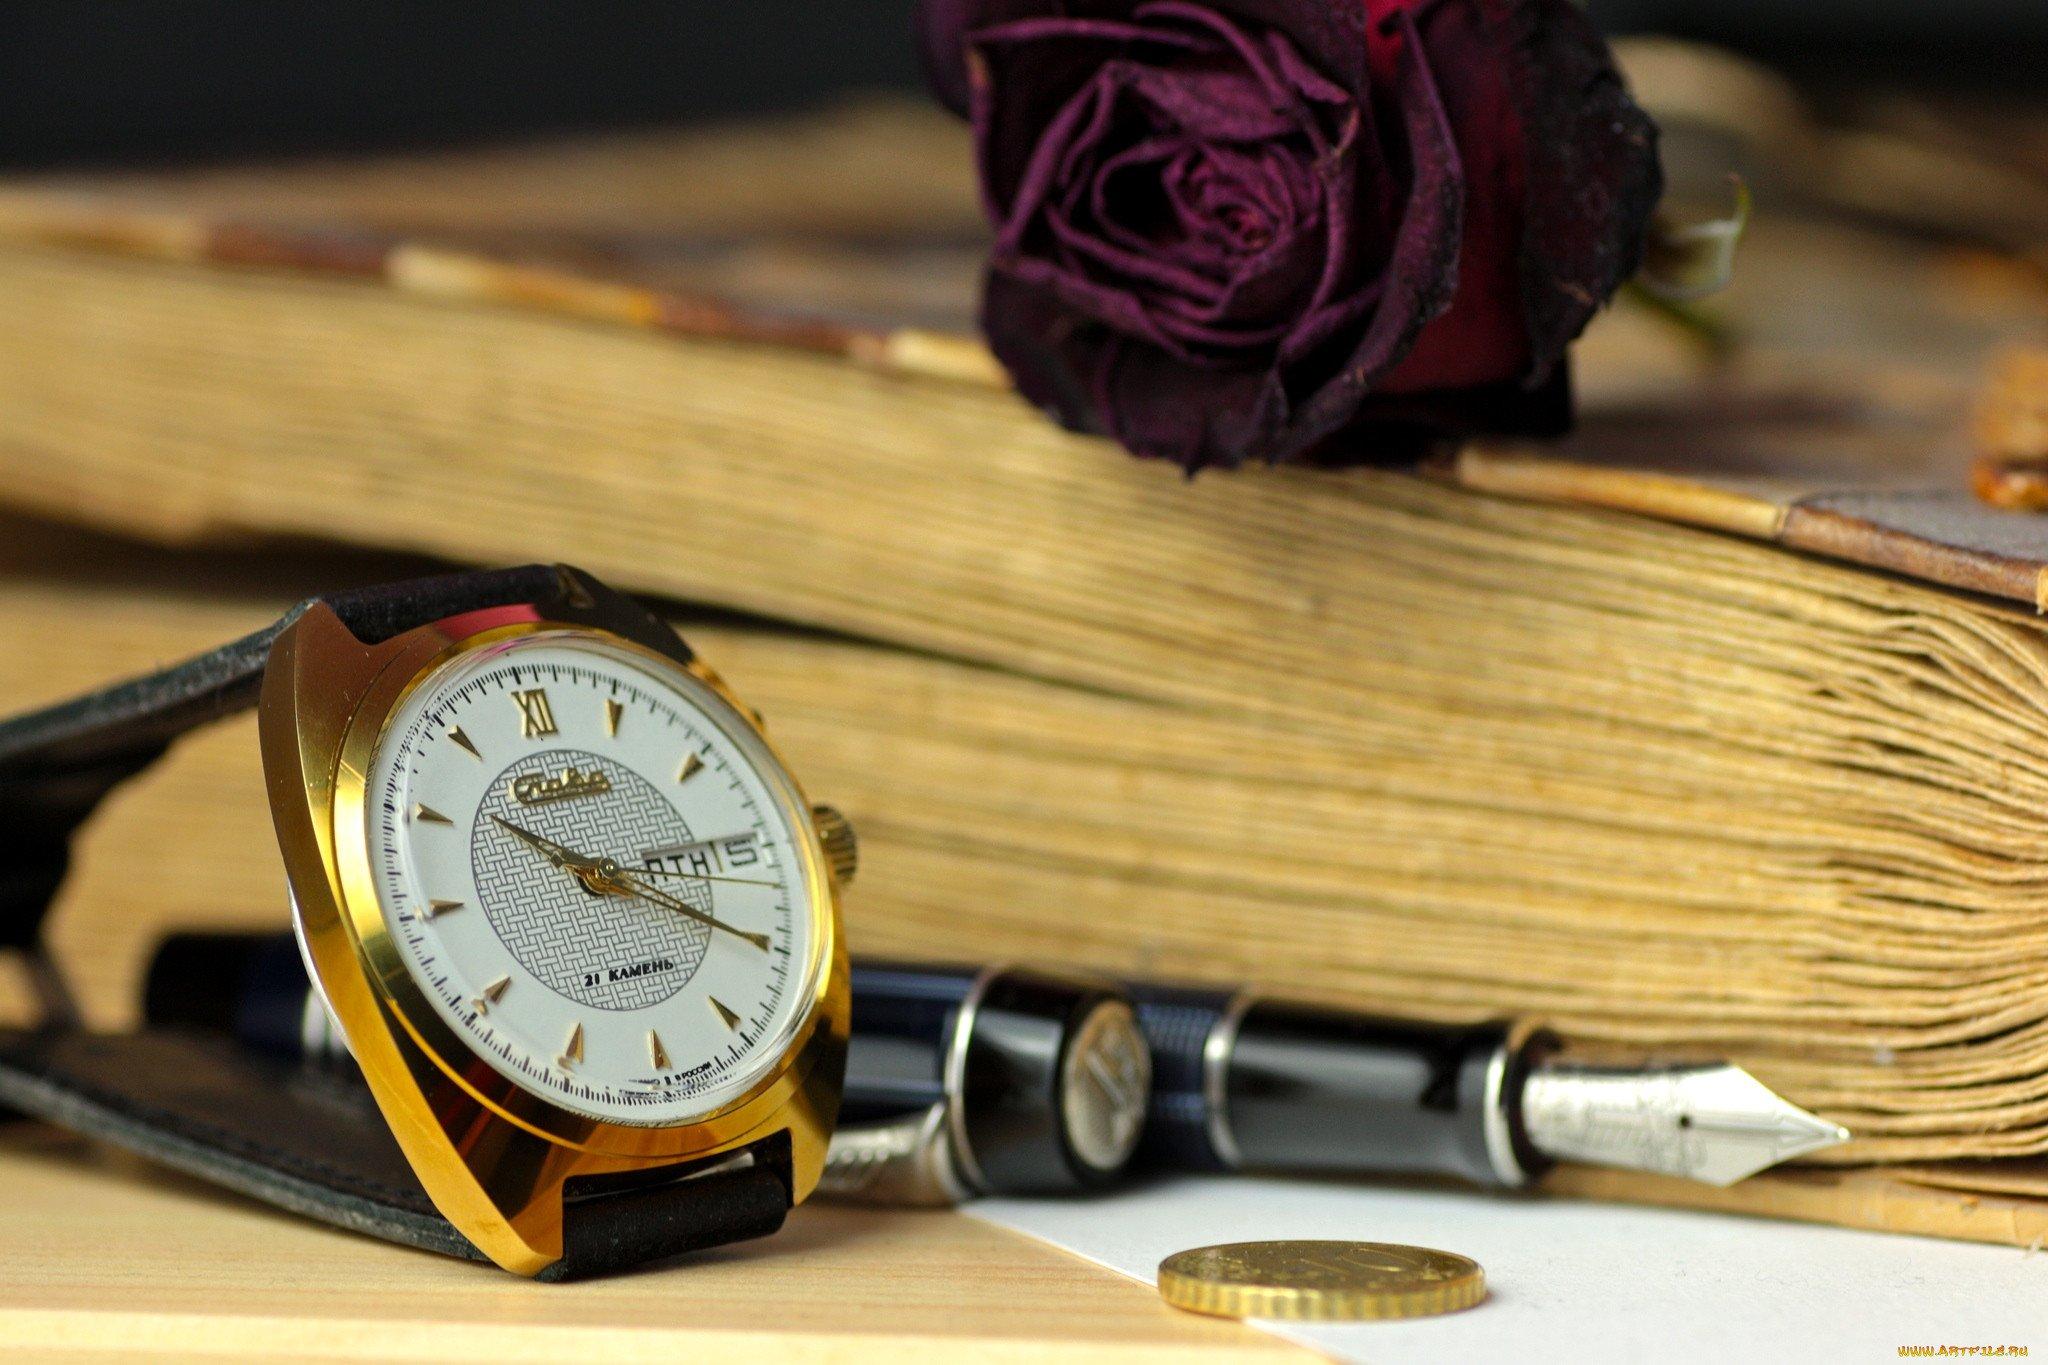 фёдор булатов картинки часы с днем рождения девочке было